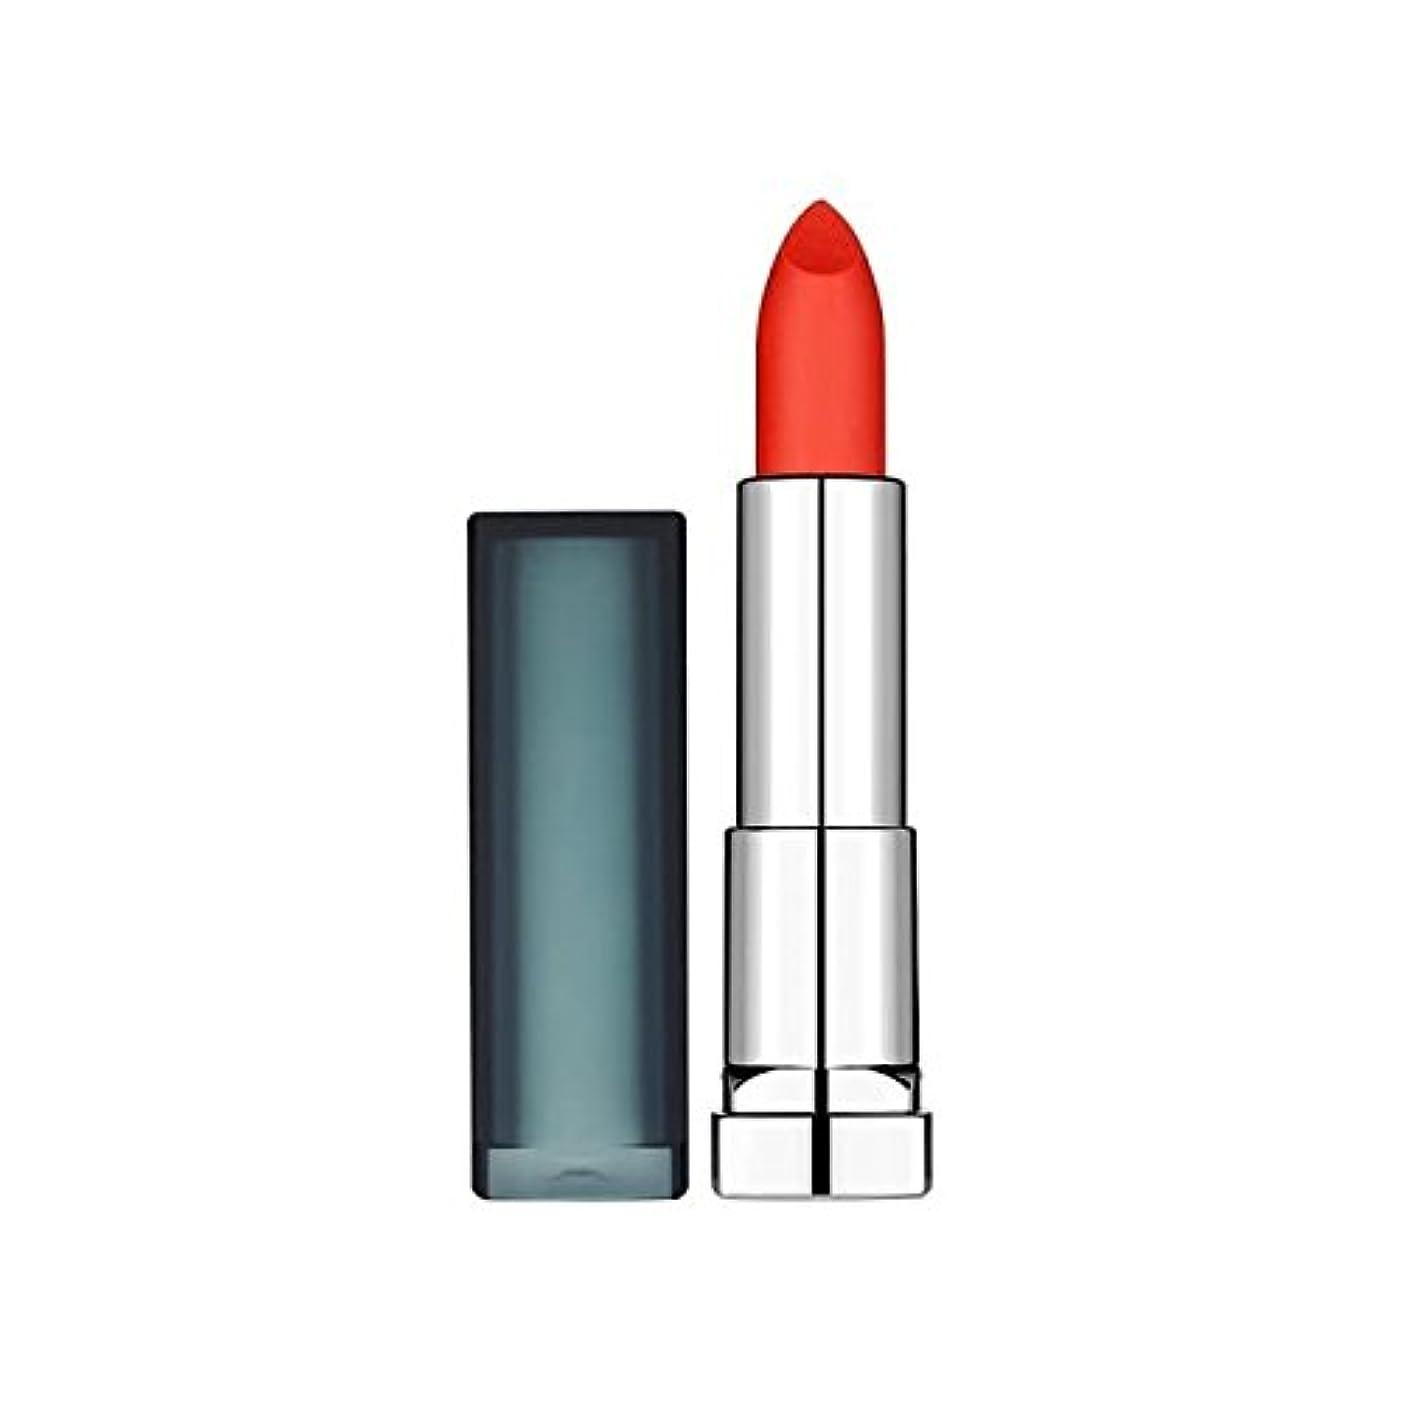 ディスコ汚染する最小Maybelline Color Sensational Lipstick 955 Craving Coral - メイベリンカラーセンセーショナルな口紅955渇望サンゴ [並行輸入品]